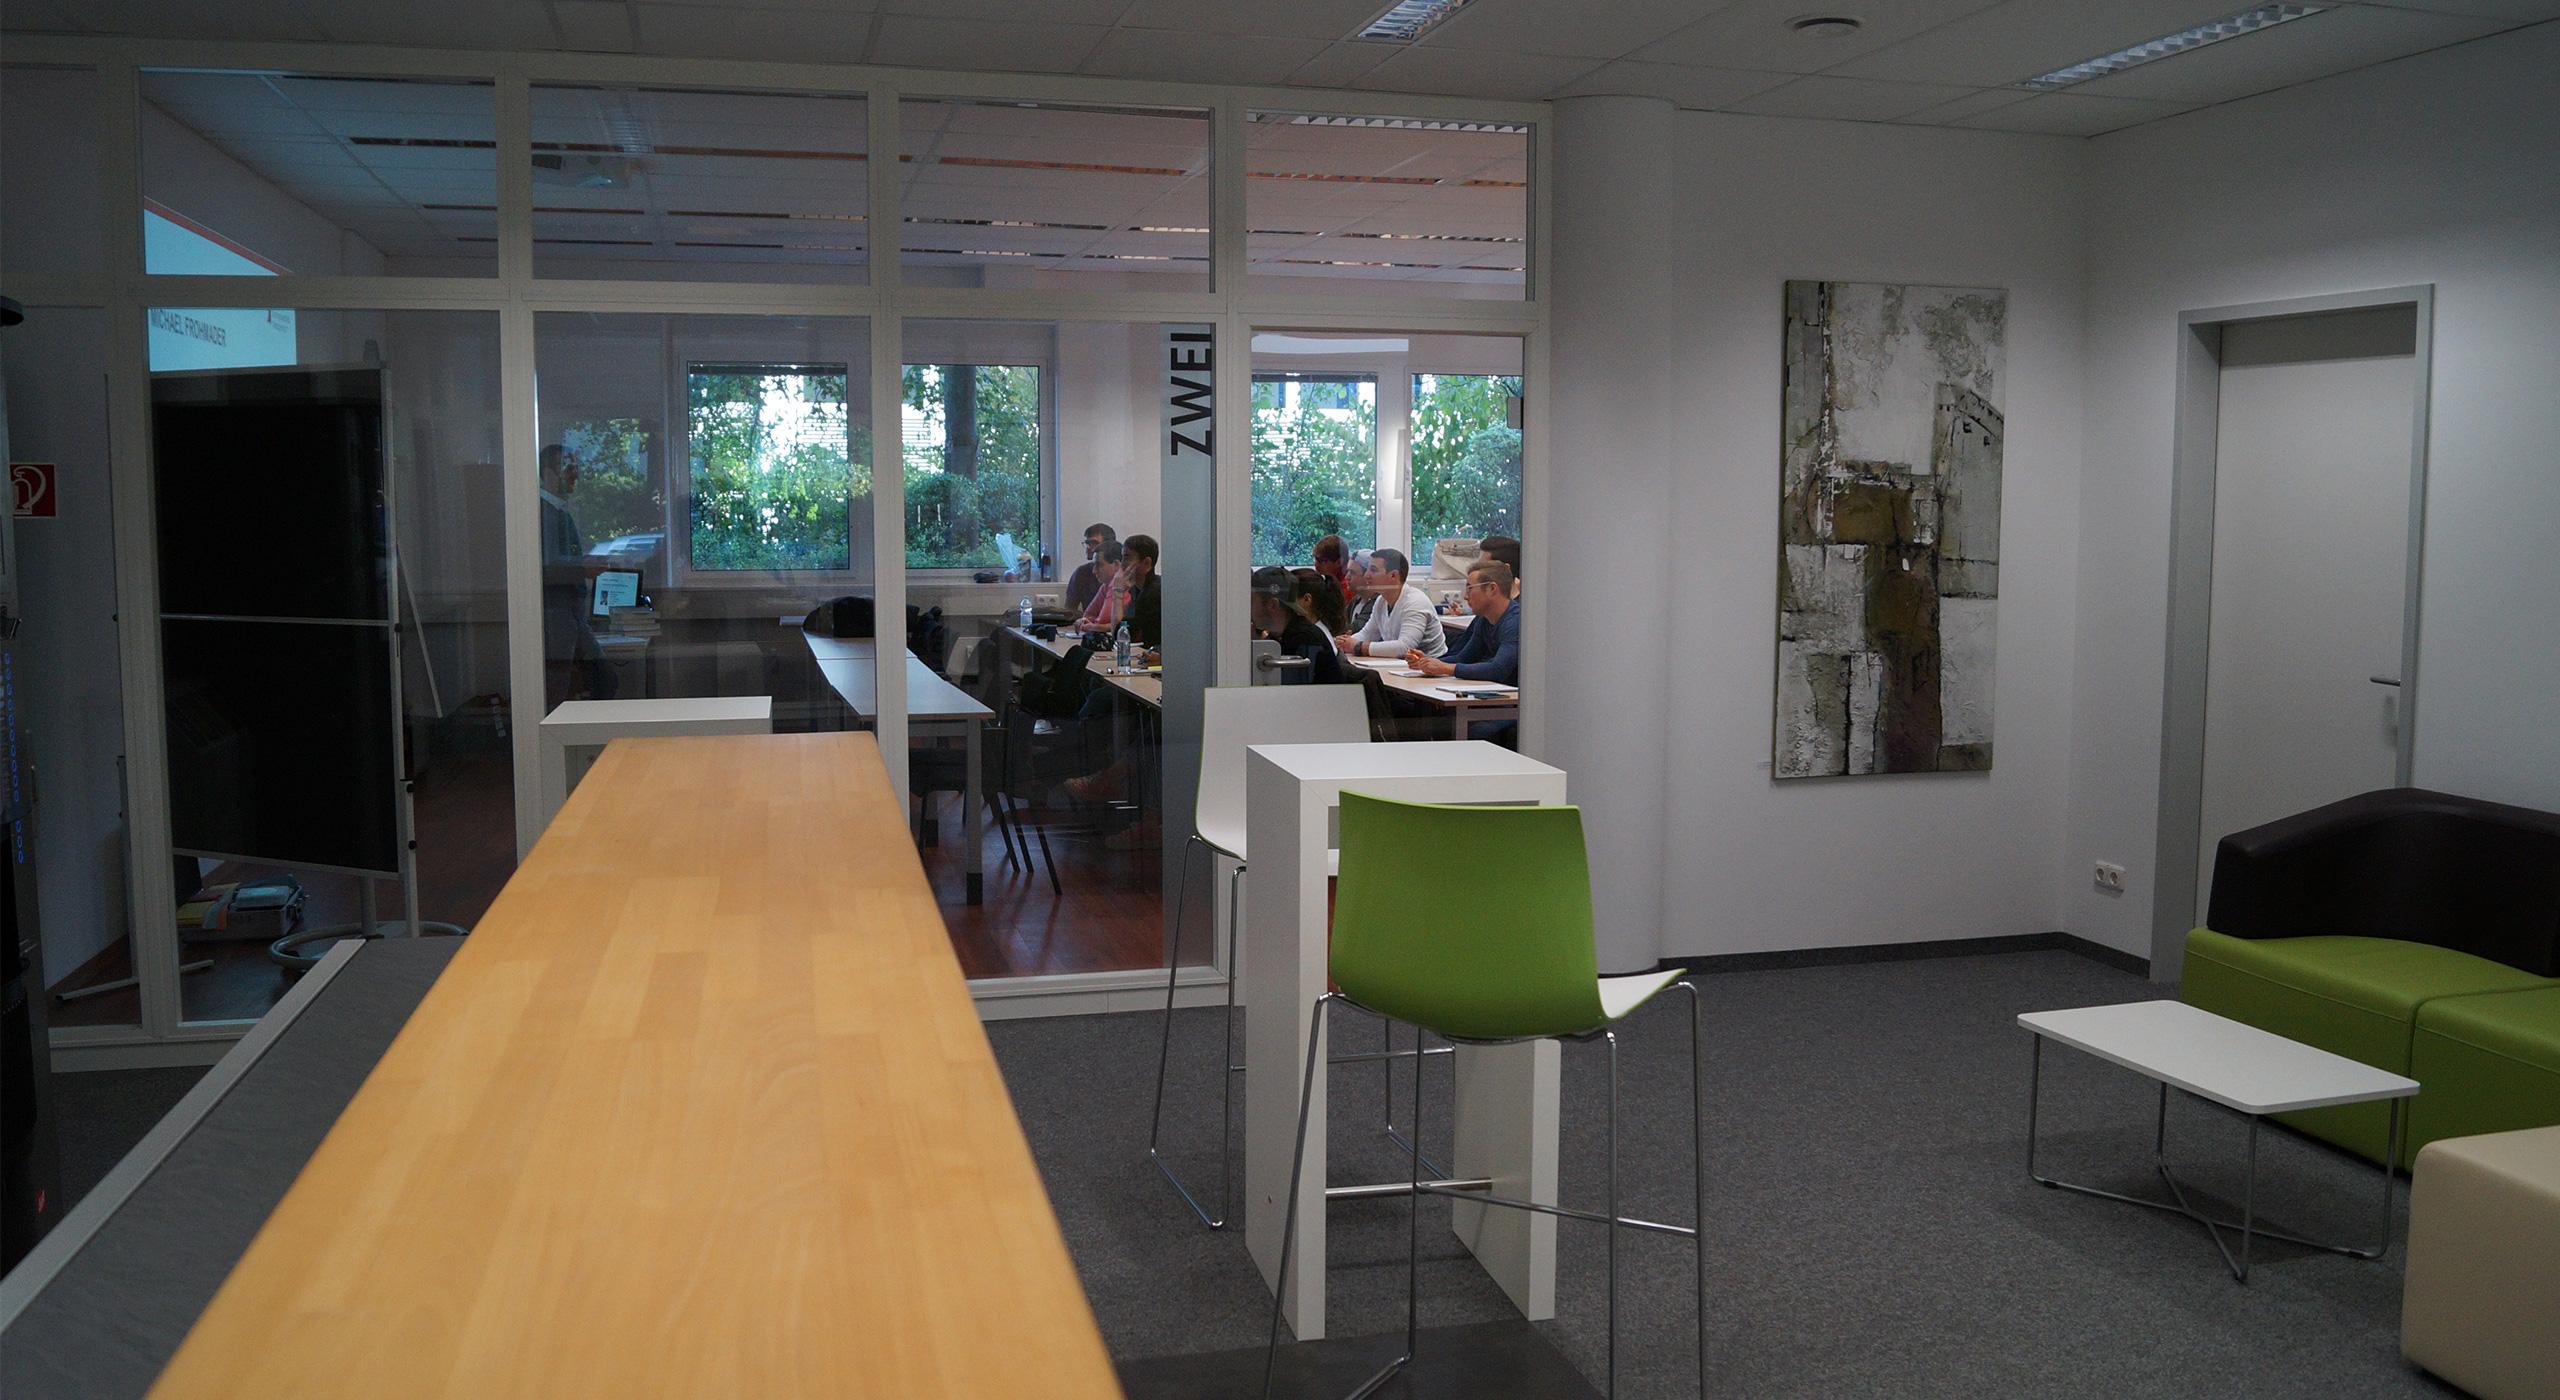 Seminarräume und Raum mit Stühlen